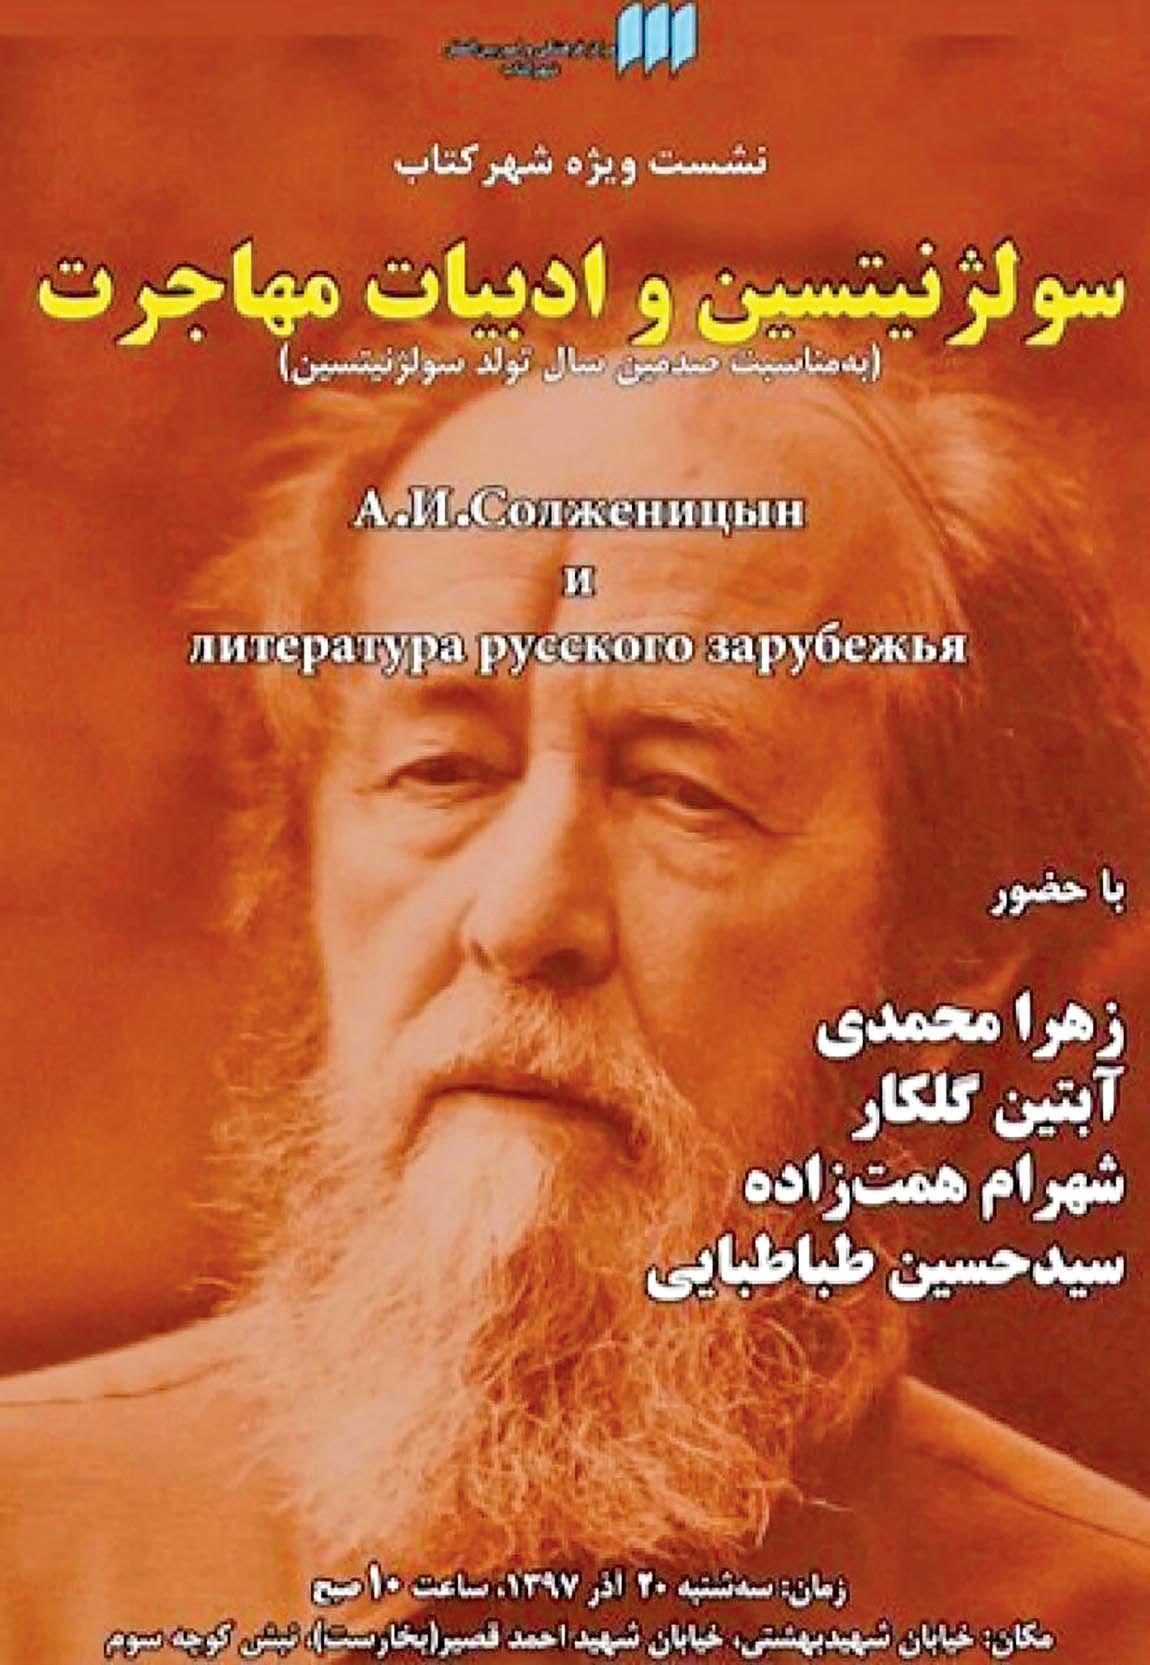 بزرگداشت صدمین سال تولد سولژنیتسین در شهر کتاب